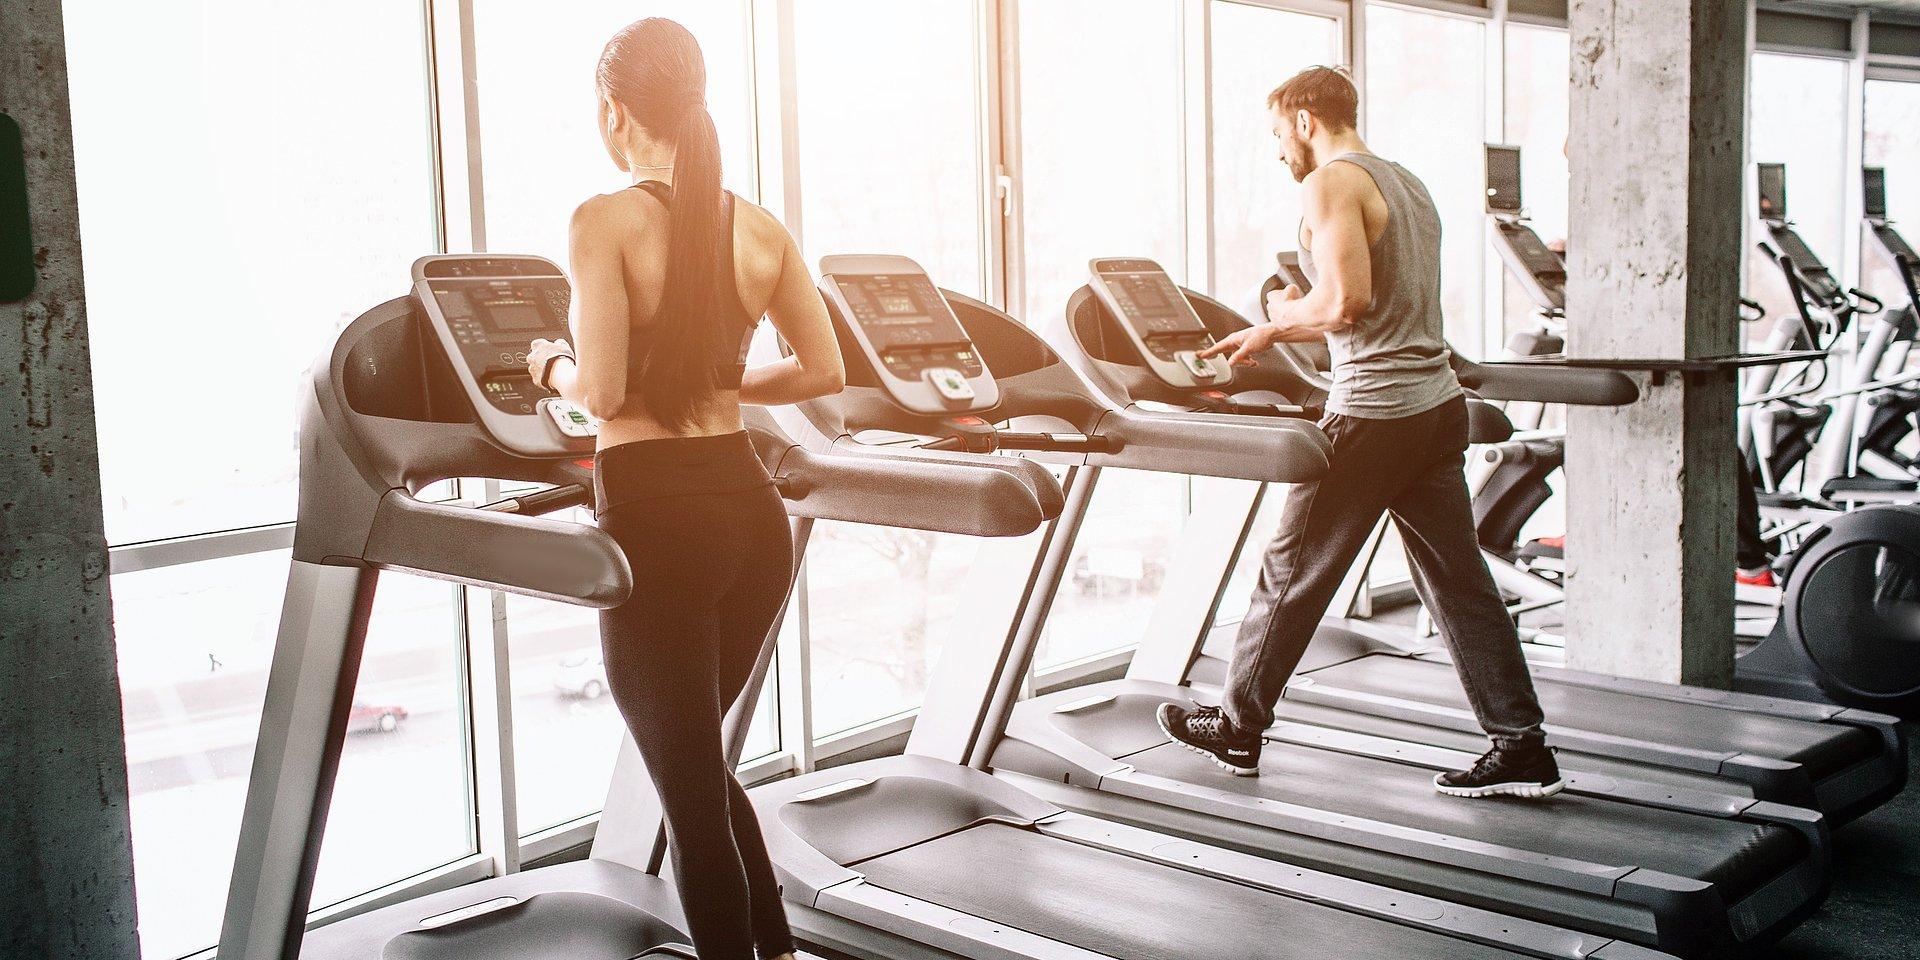 Branża fitness otwiera się 28 maja i stawia na wsparcie zdrowia Polaków po wielomiesięcznym lockdownie